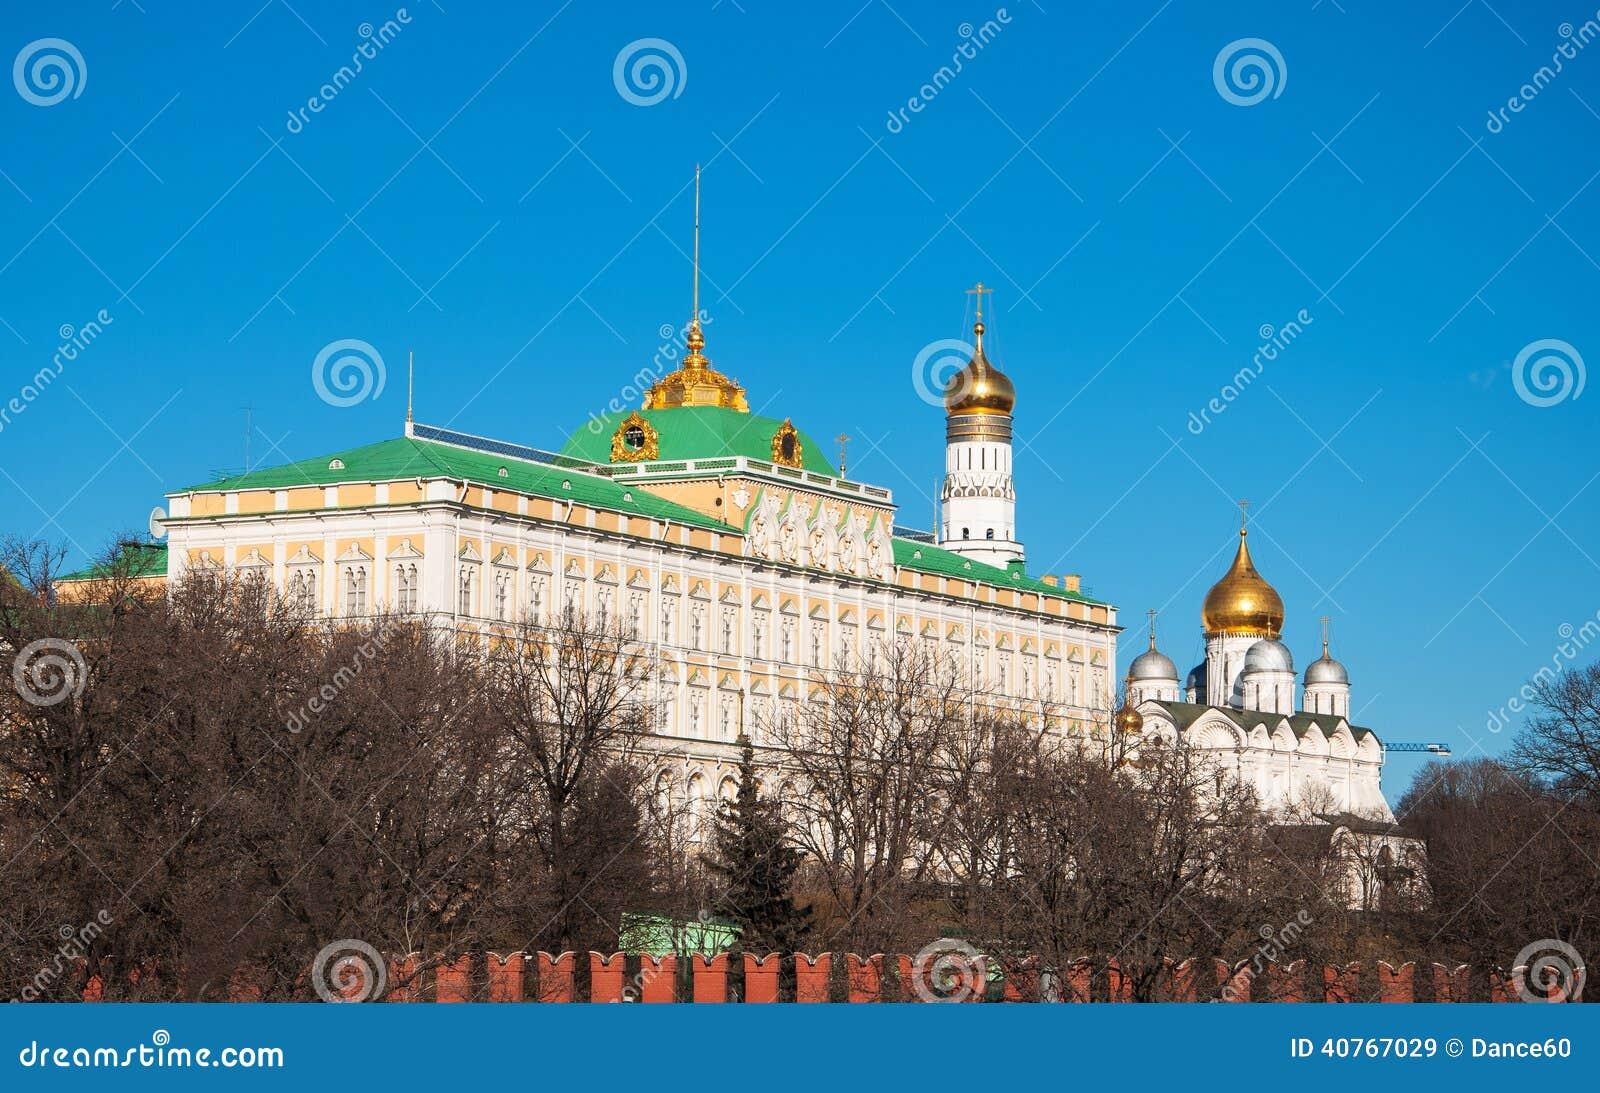 盛大克里姆林宫宫殿,钟楼伊冯的看法伟大和克里姆林宫大教堂.图片